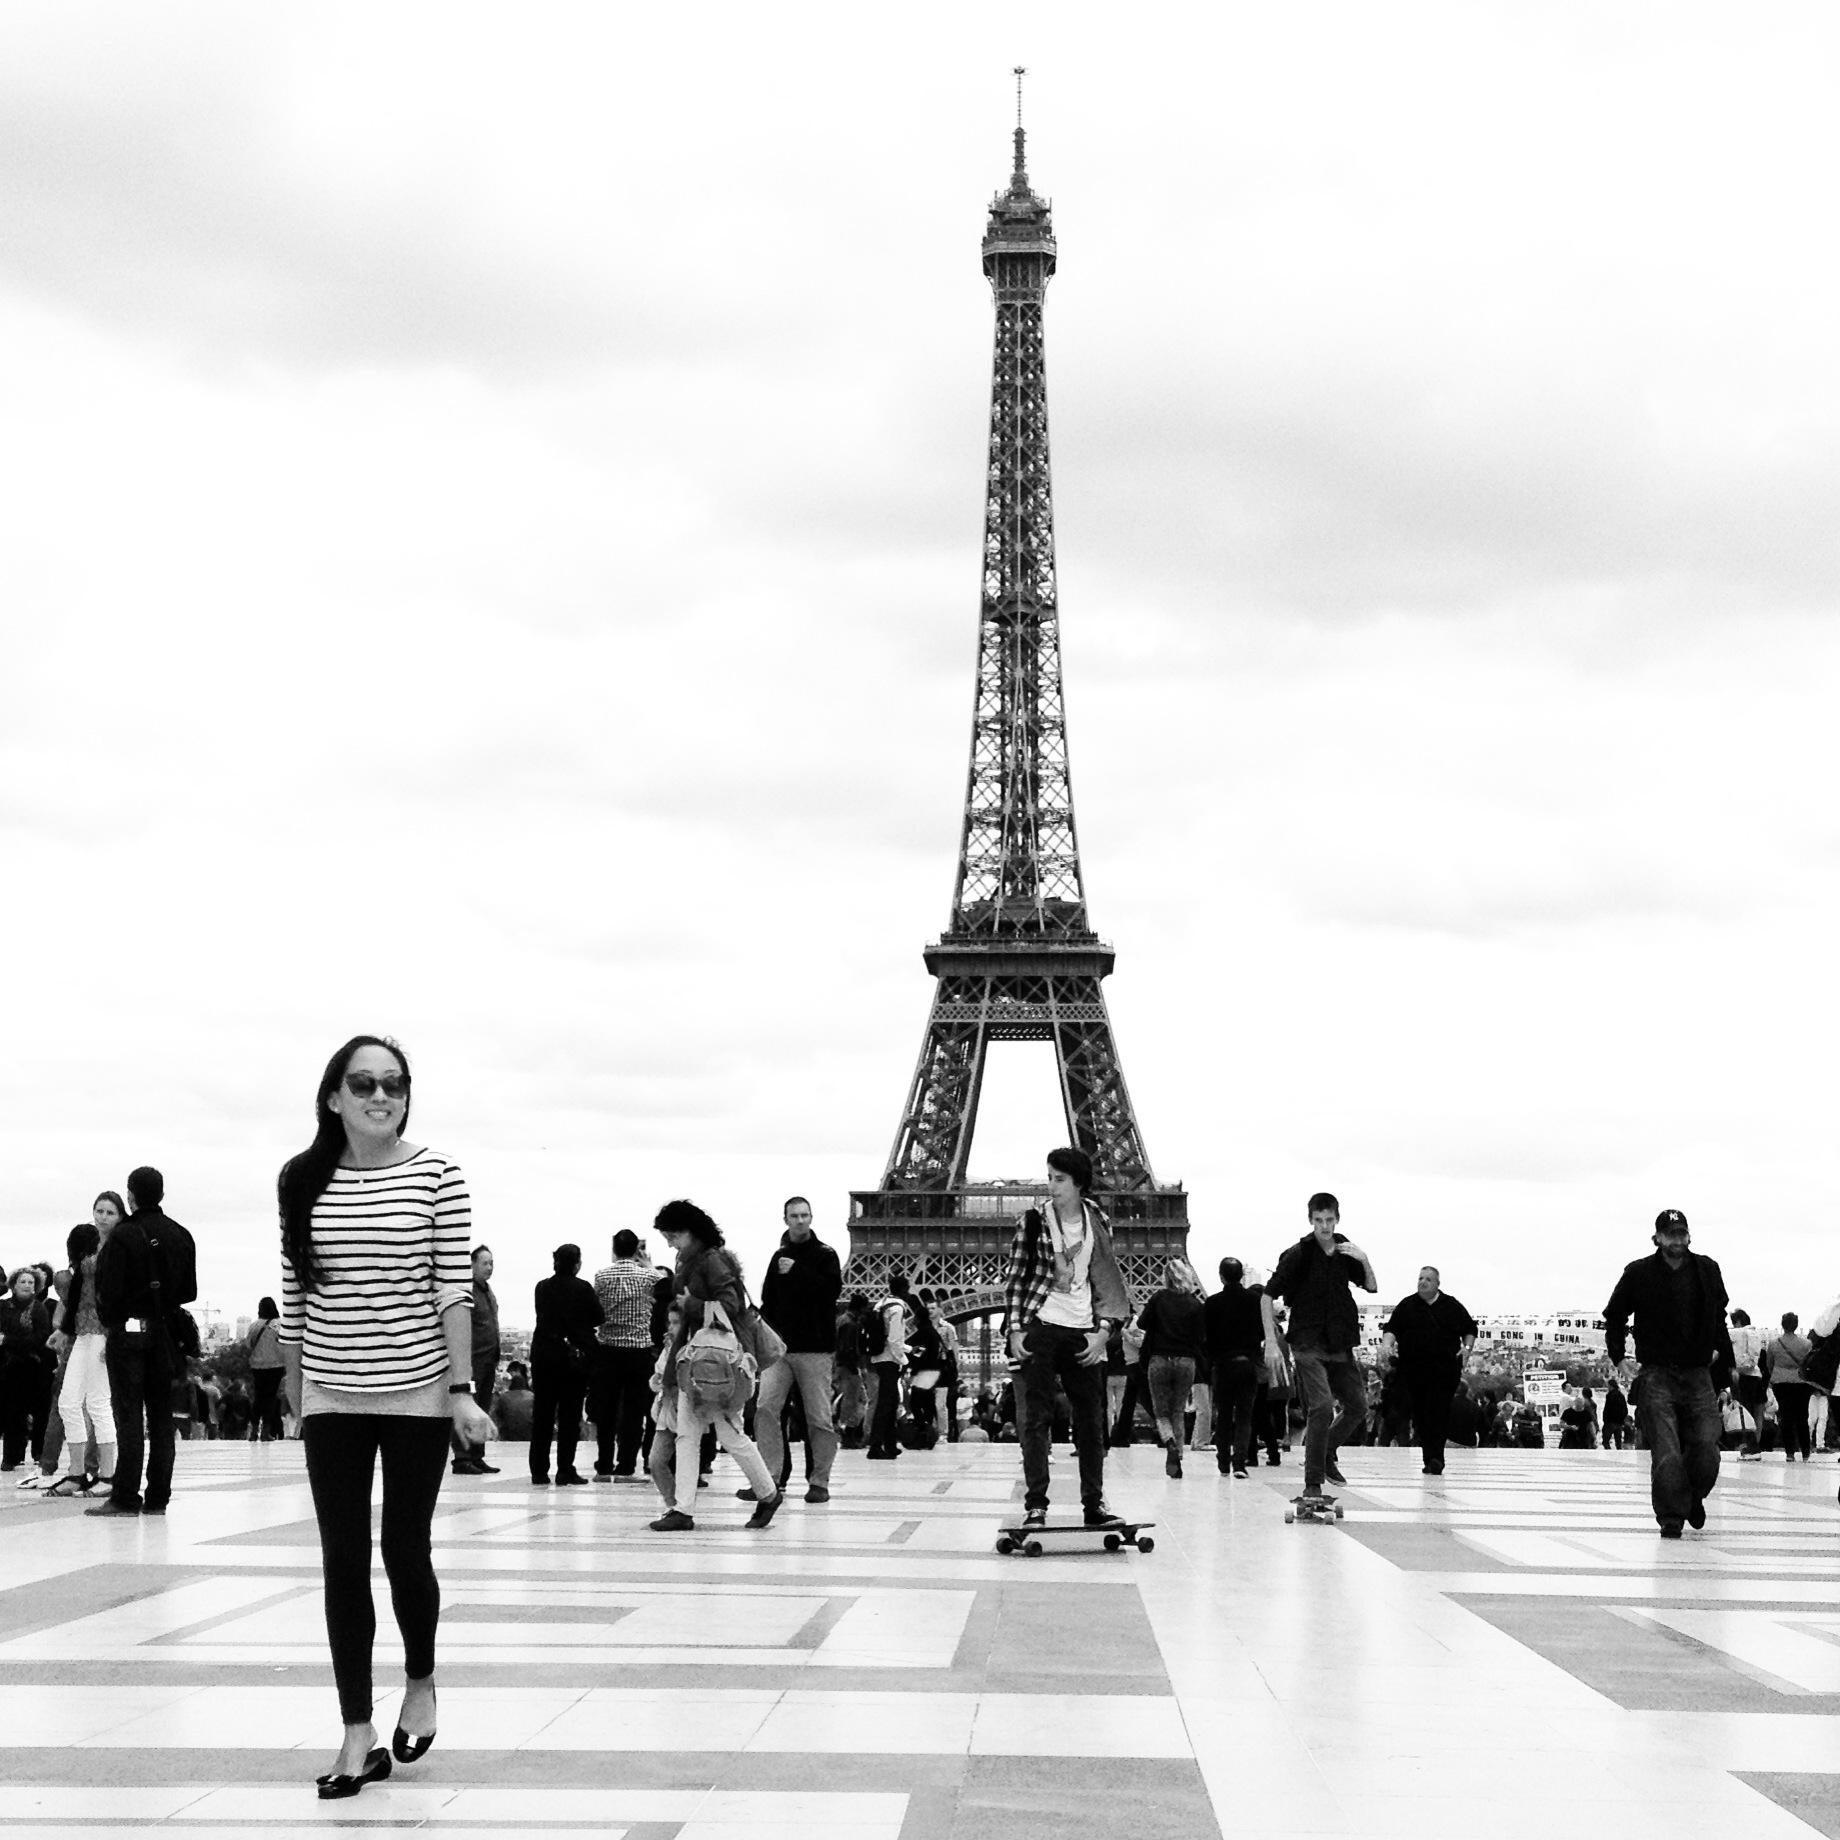 Trocadéro, Palais de Chaillot, 2013